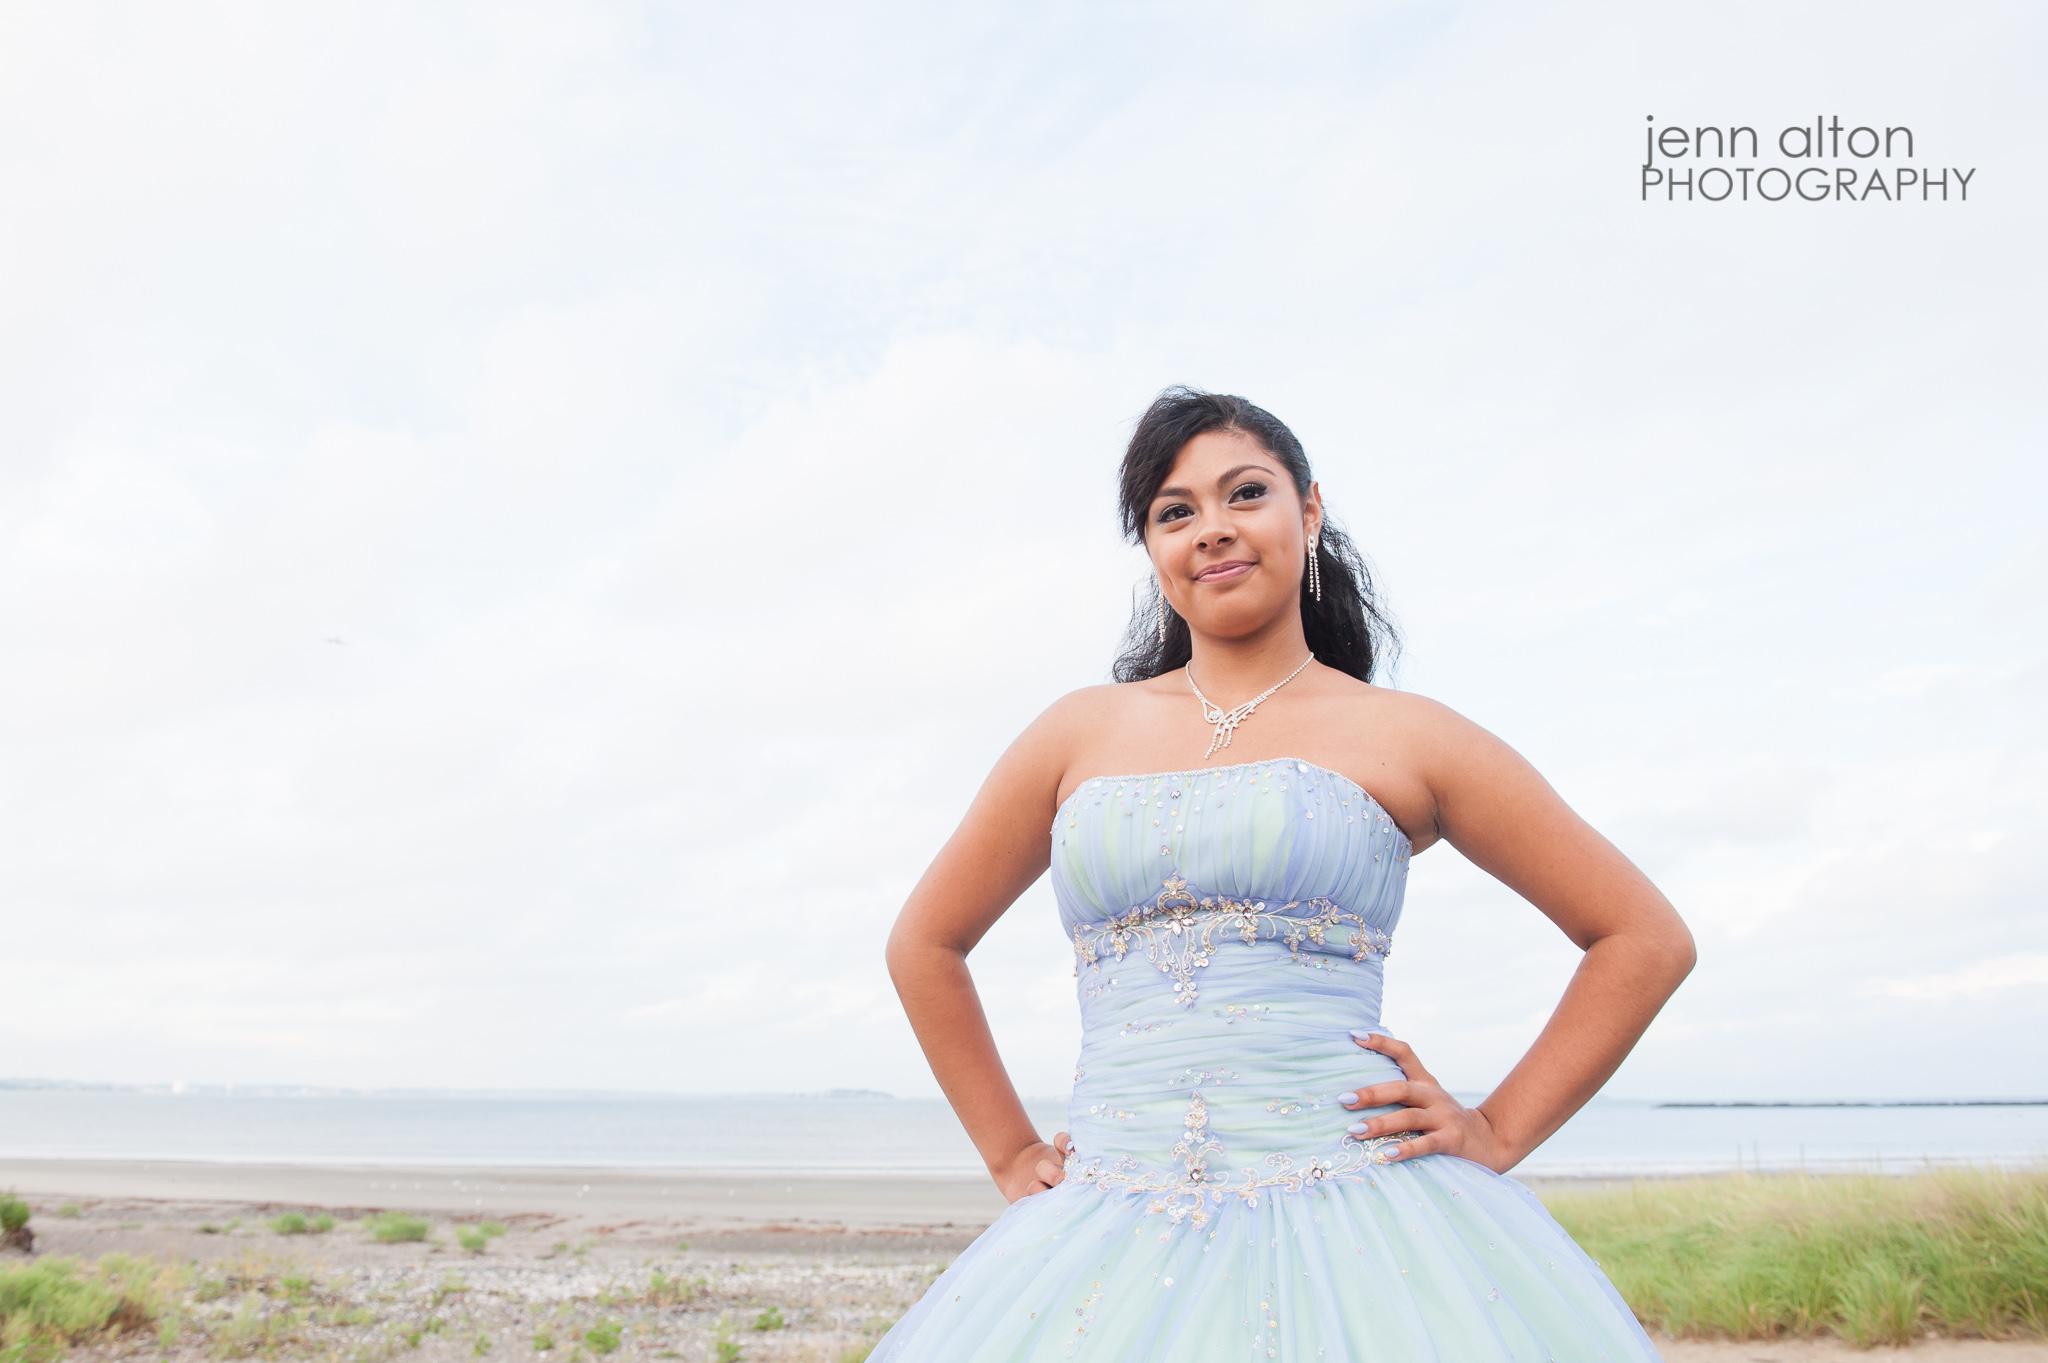 Quinceanera pose, Mis 15, Revere Beach